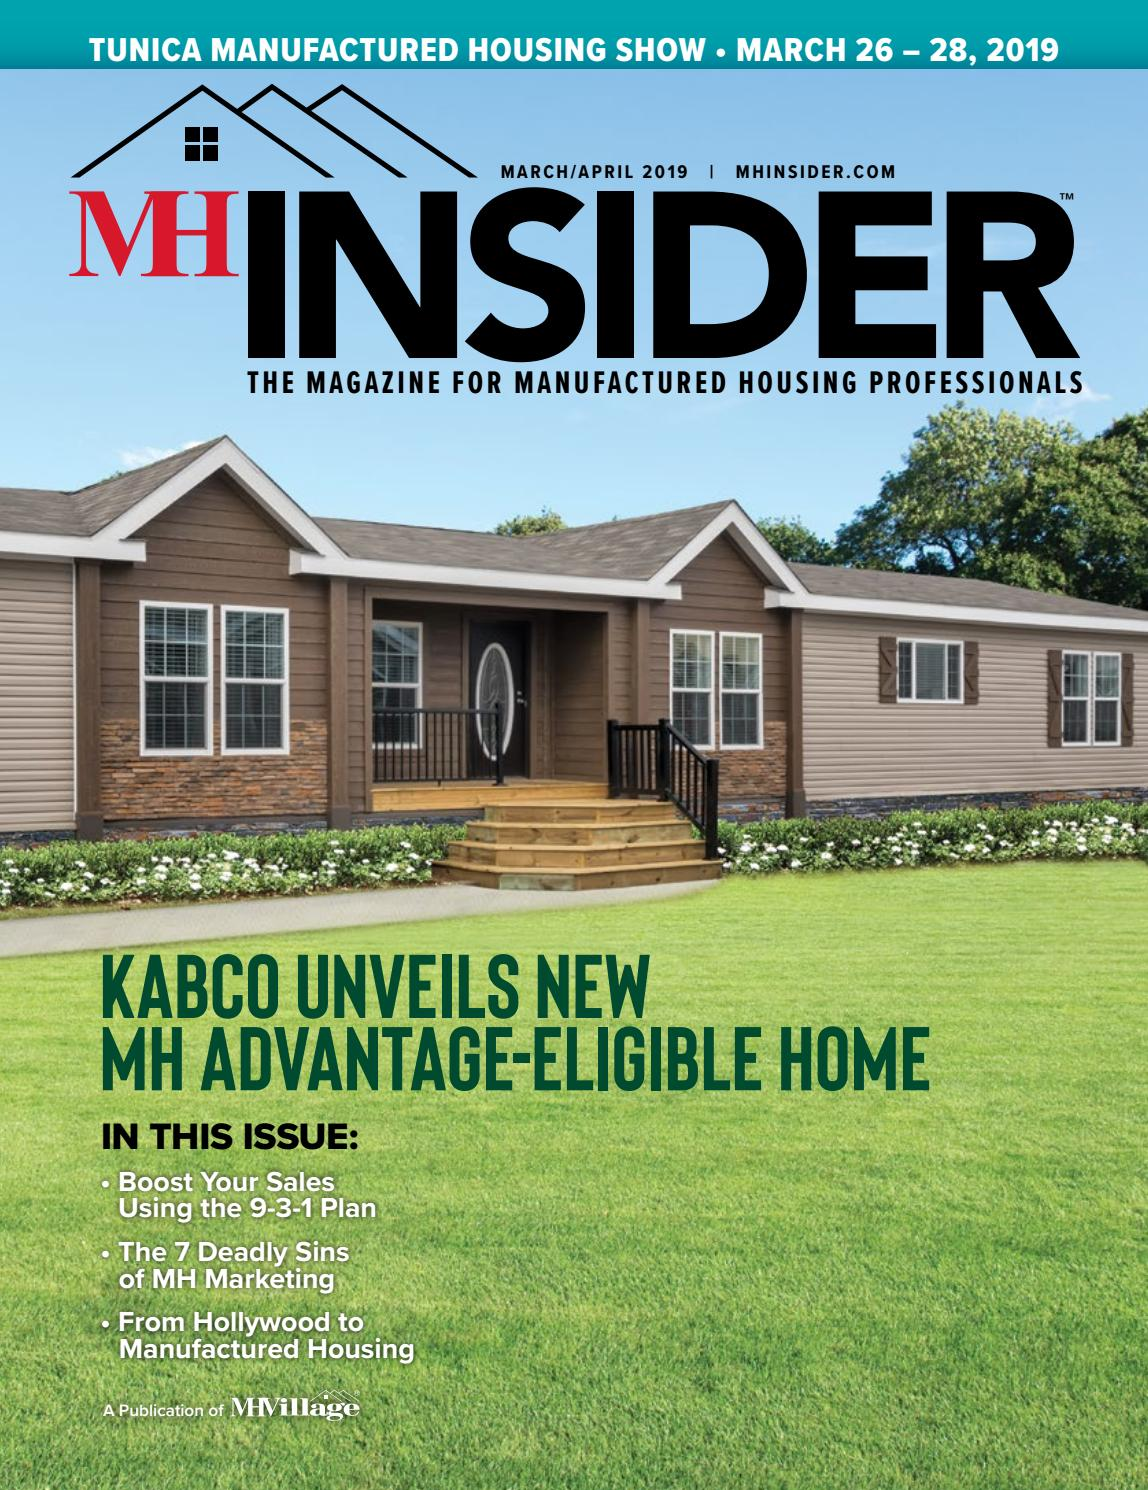 Vmfhomes Kentucky Repossessed Mobile Homes Jpg 1148x1490 Vmf